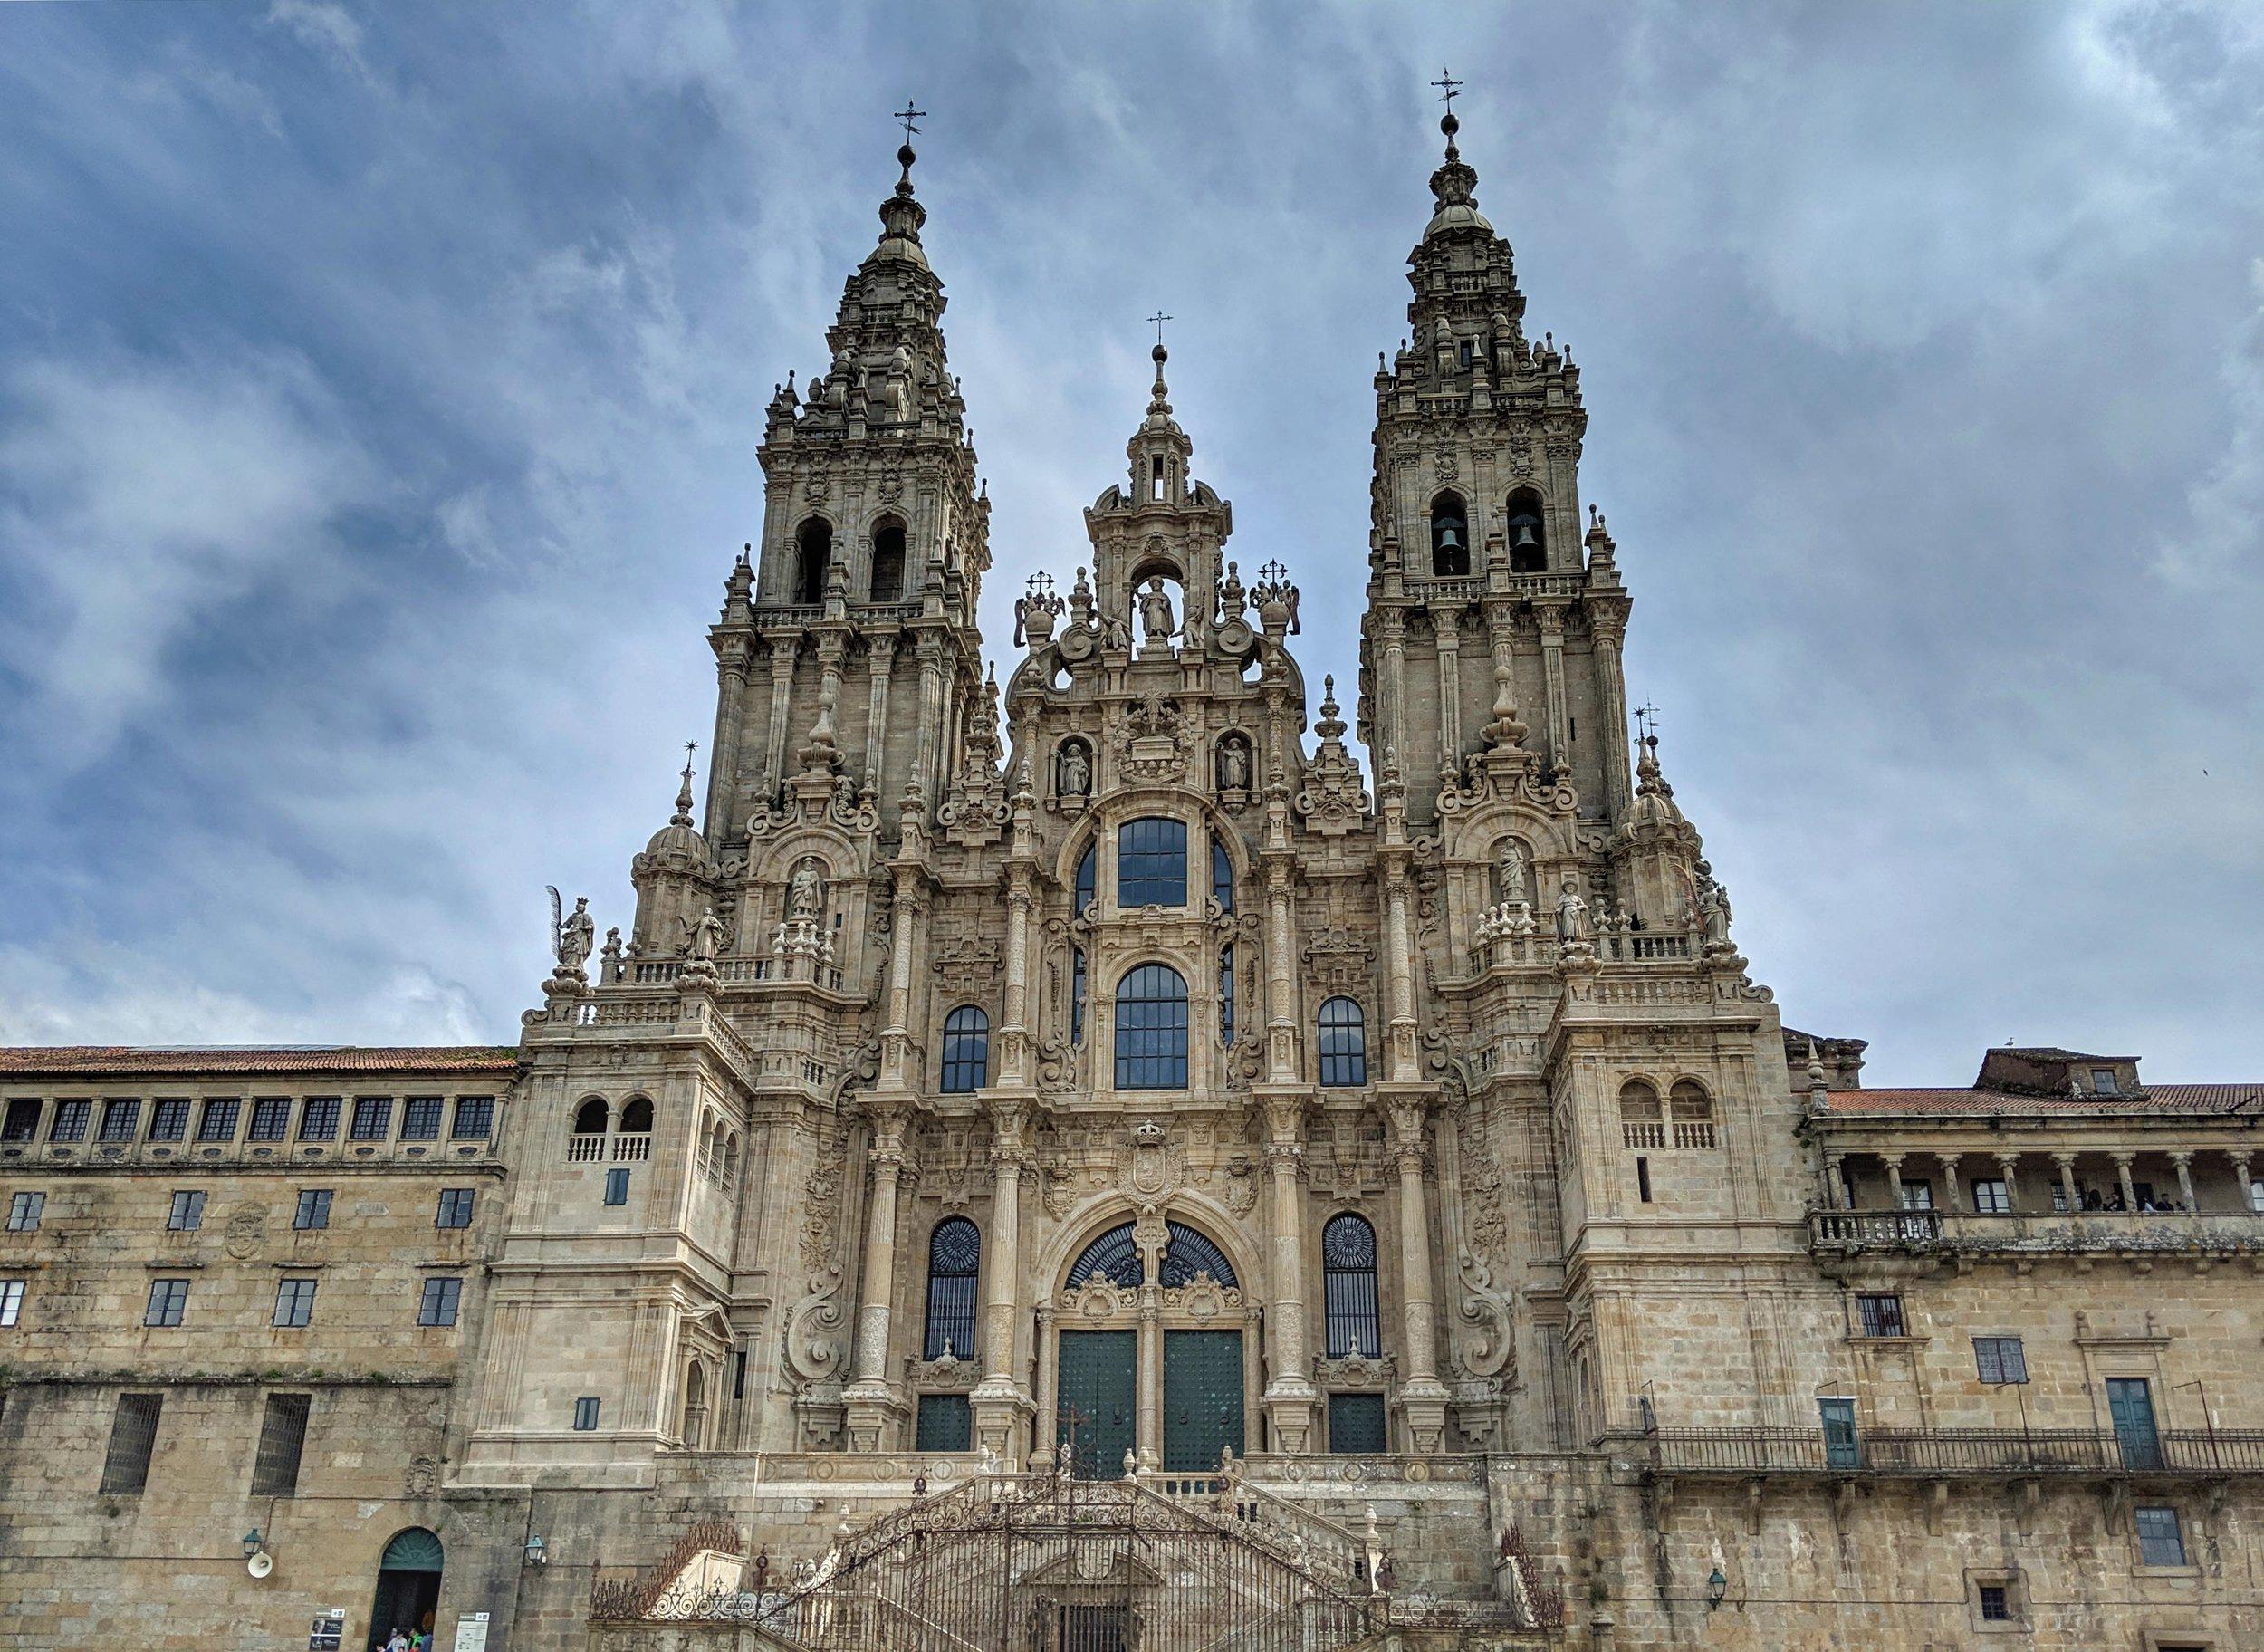 Santiage de Compostela's famous cathedral